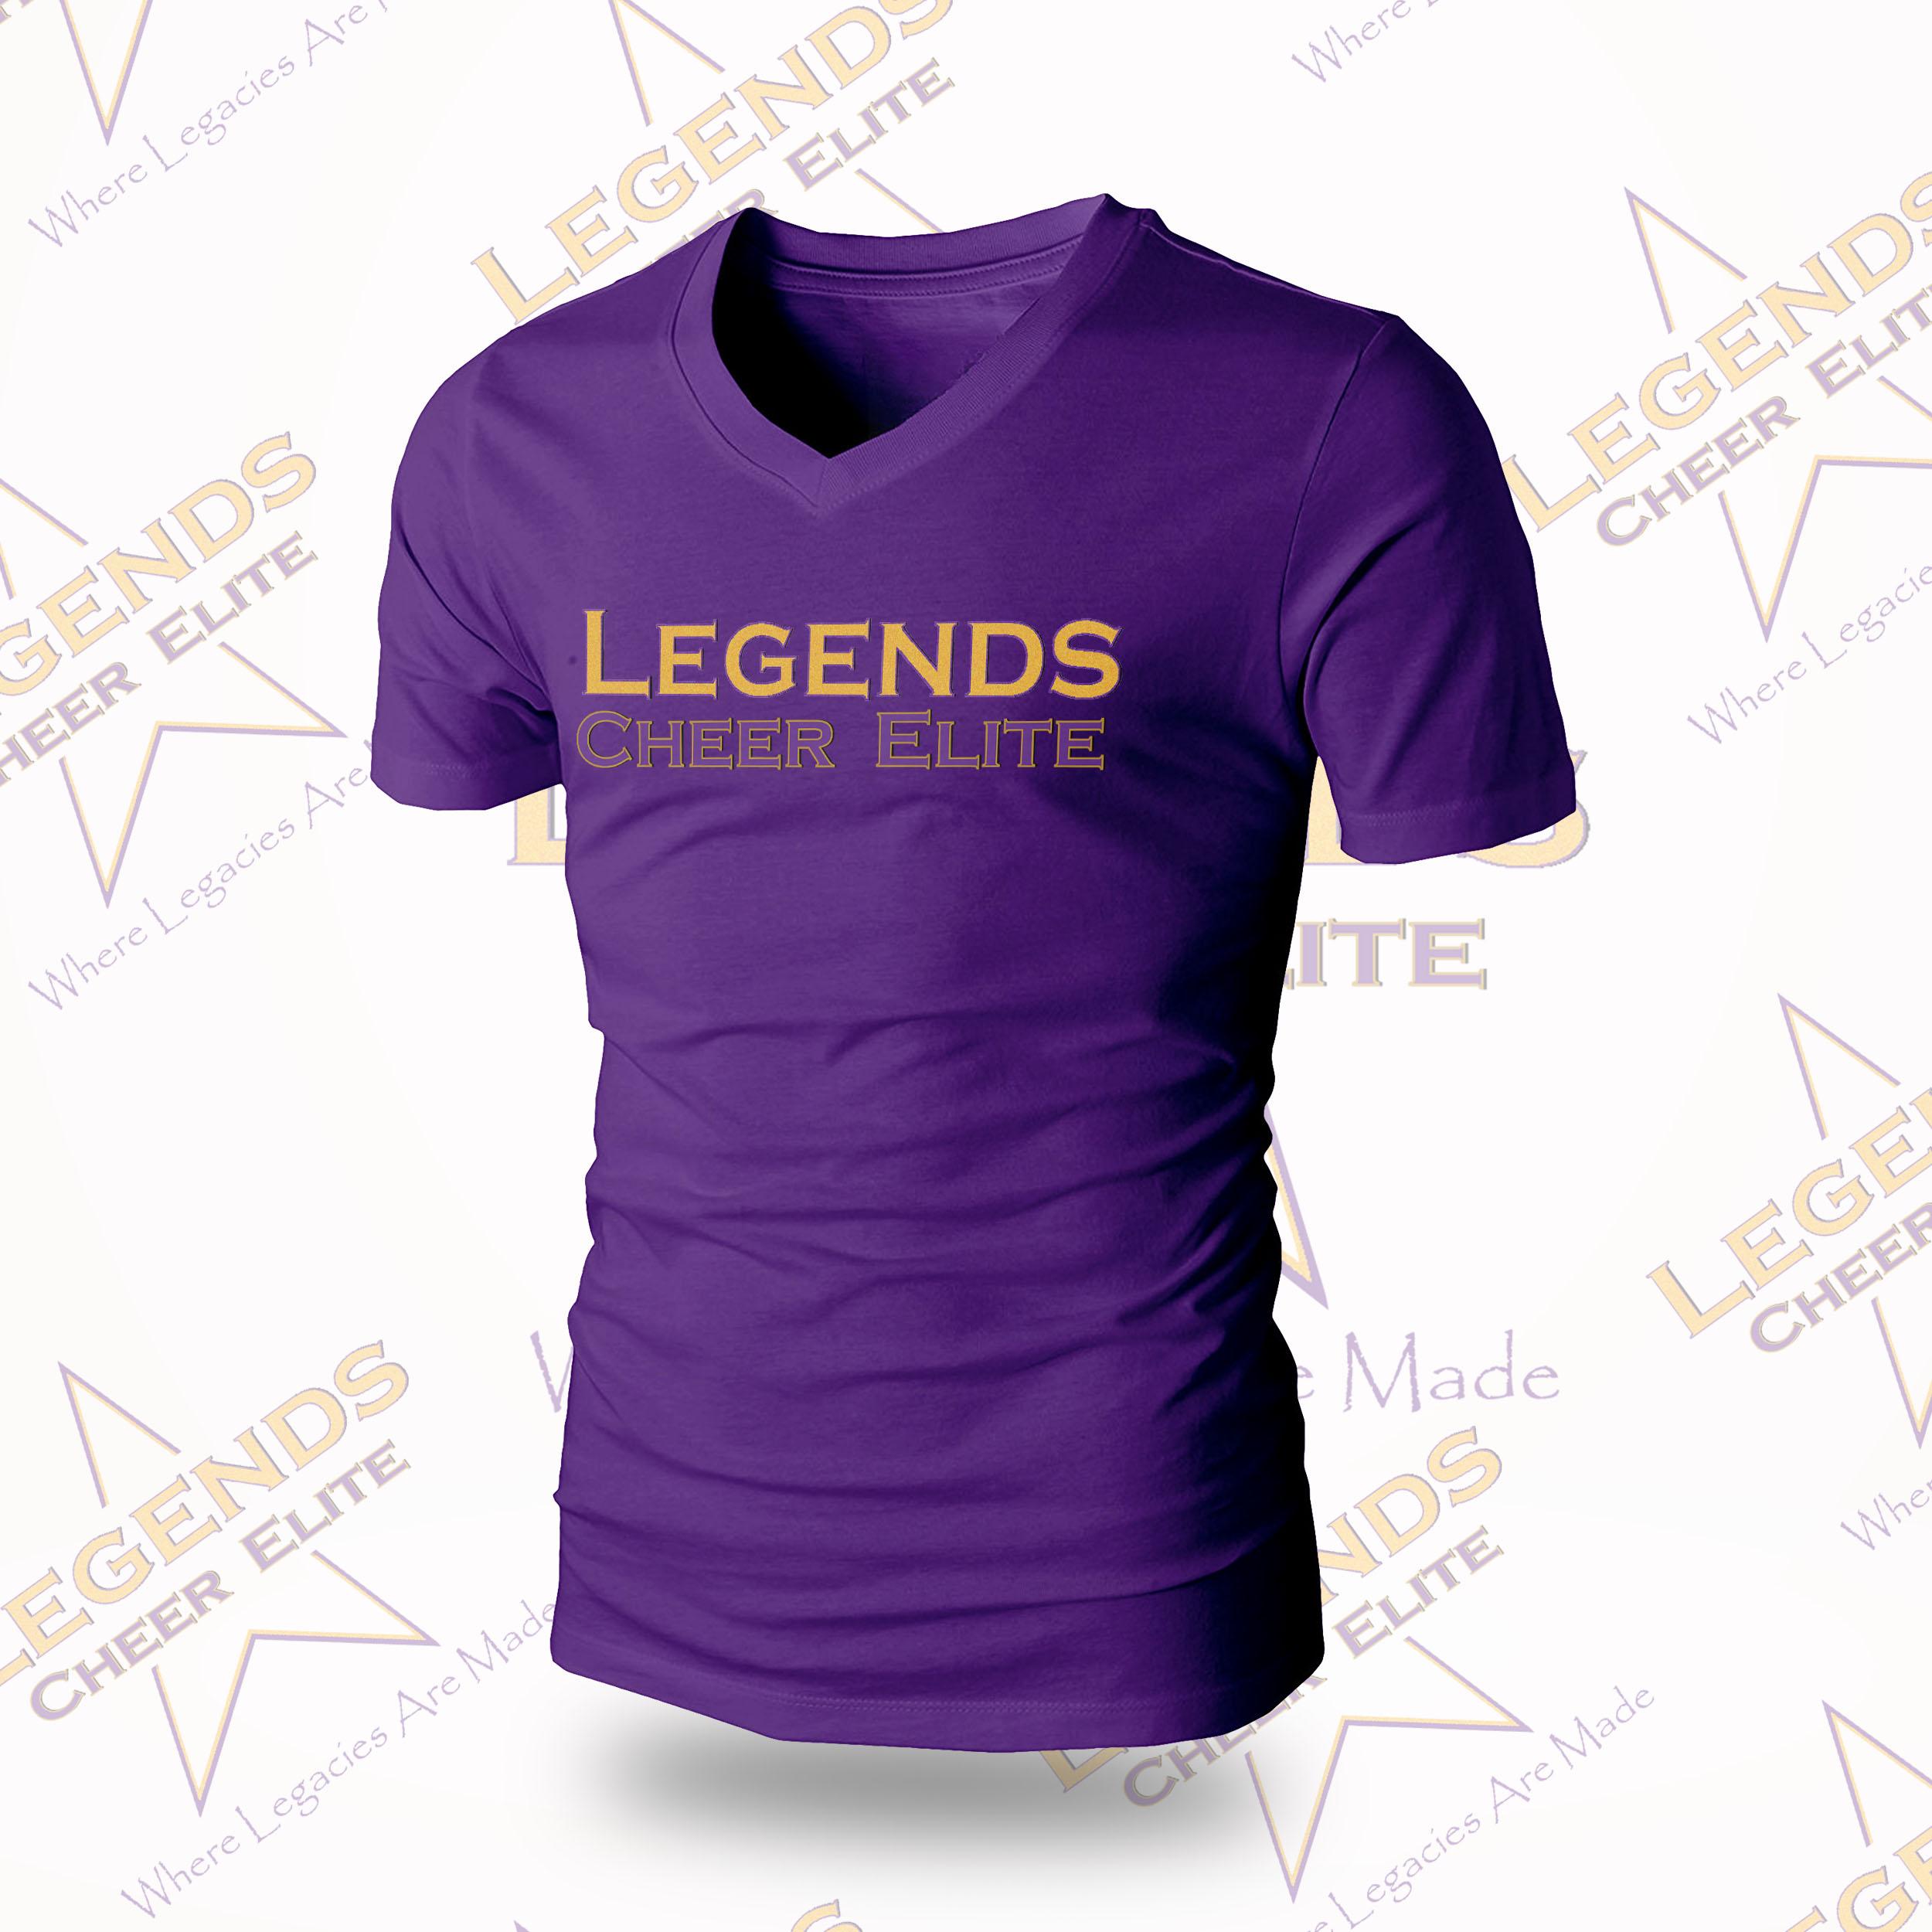 Boys_Purple_Shirt_Side_View